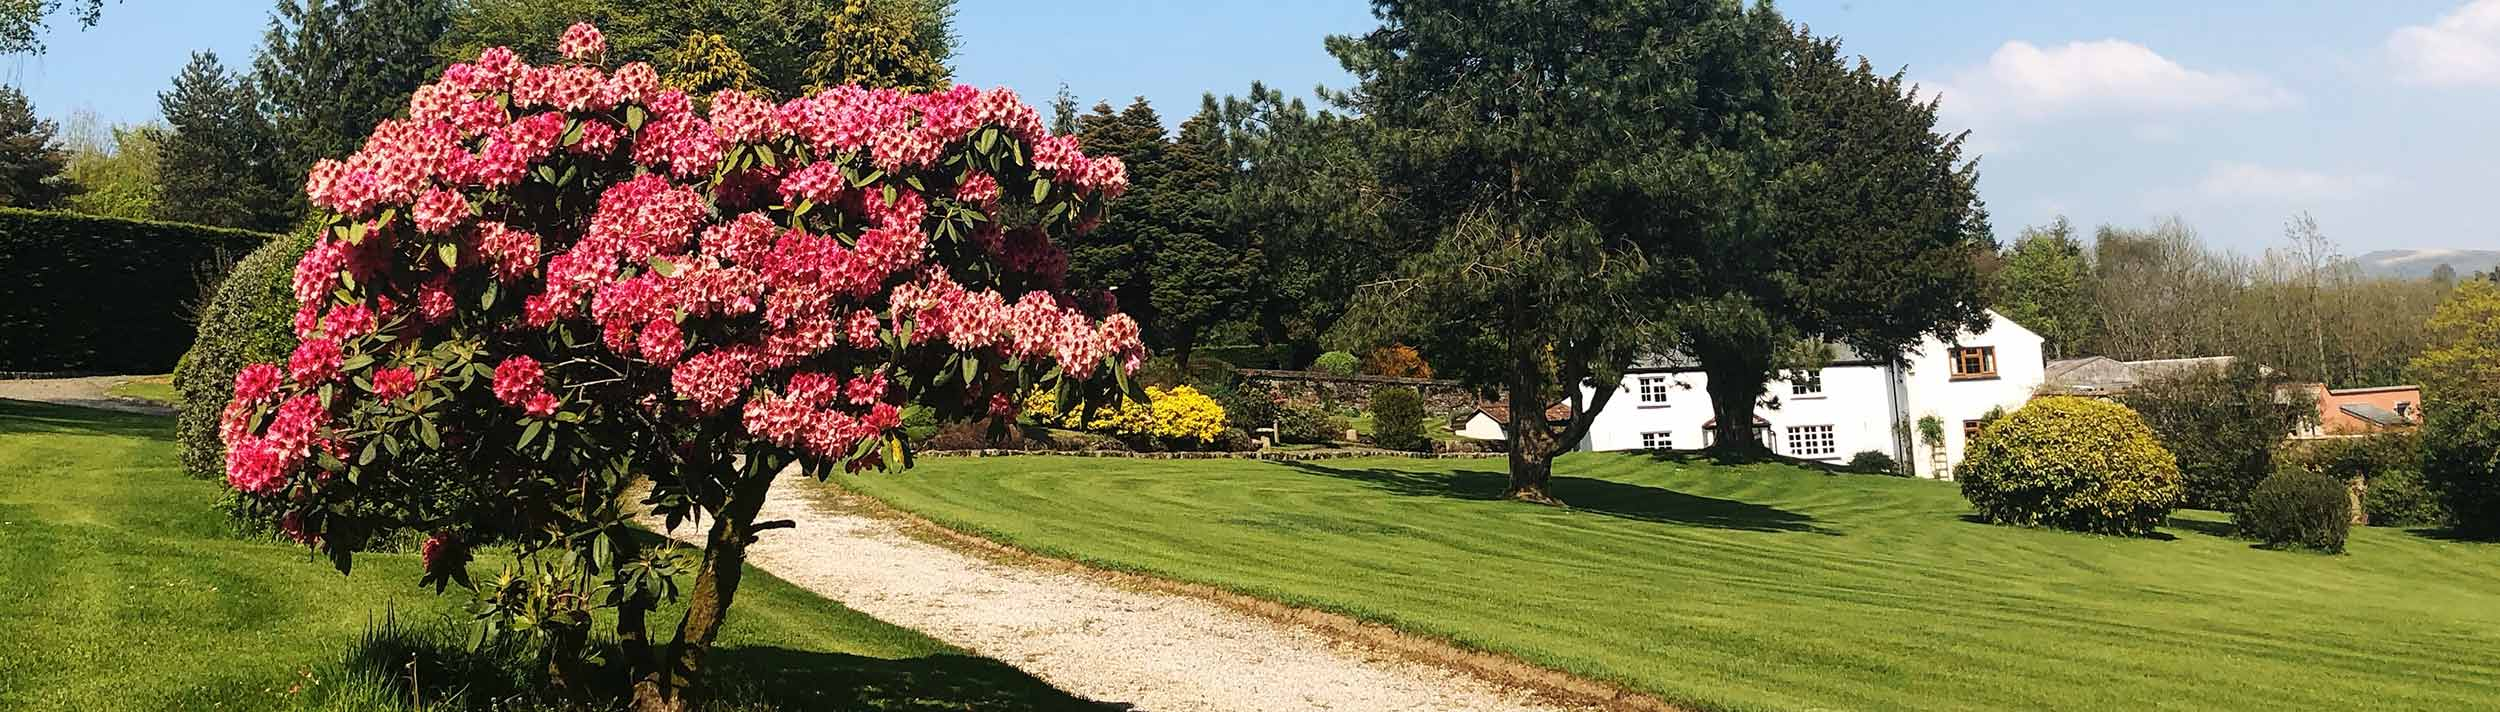 St. Luke's Hospice Open Gardens at Alder